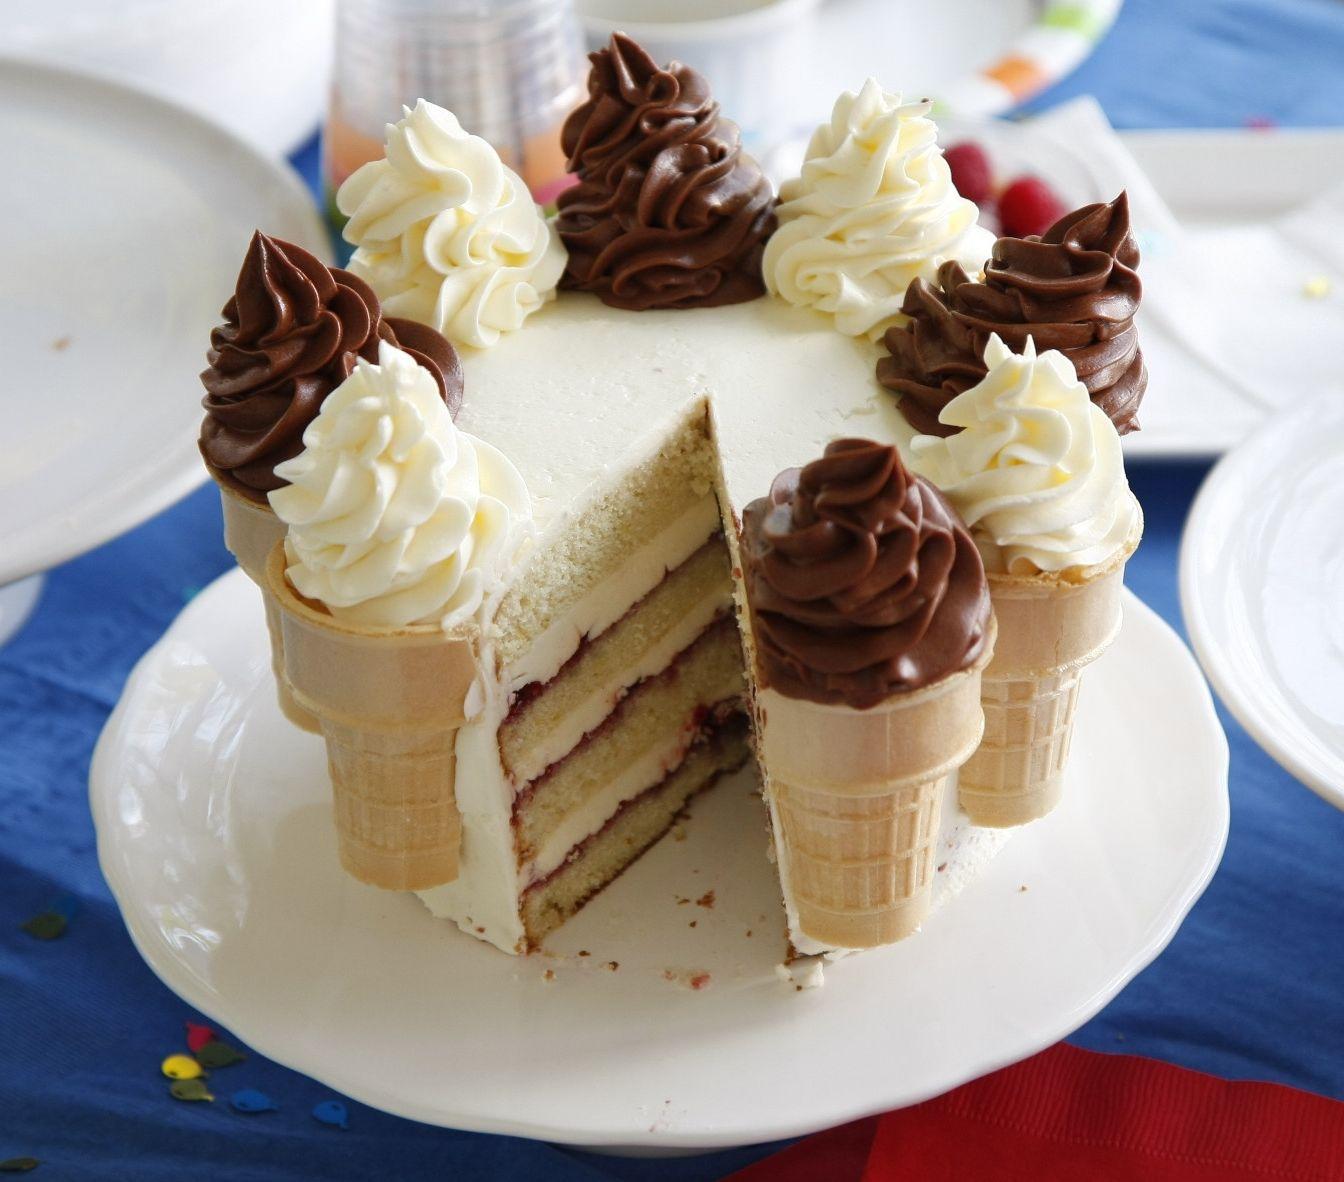 Con conos de helados a la mitad todo muy bien explicado - Decoracion de helados ...